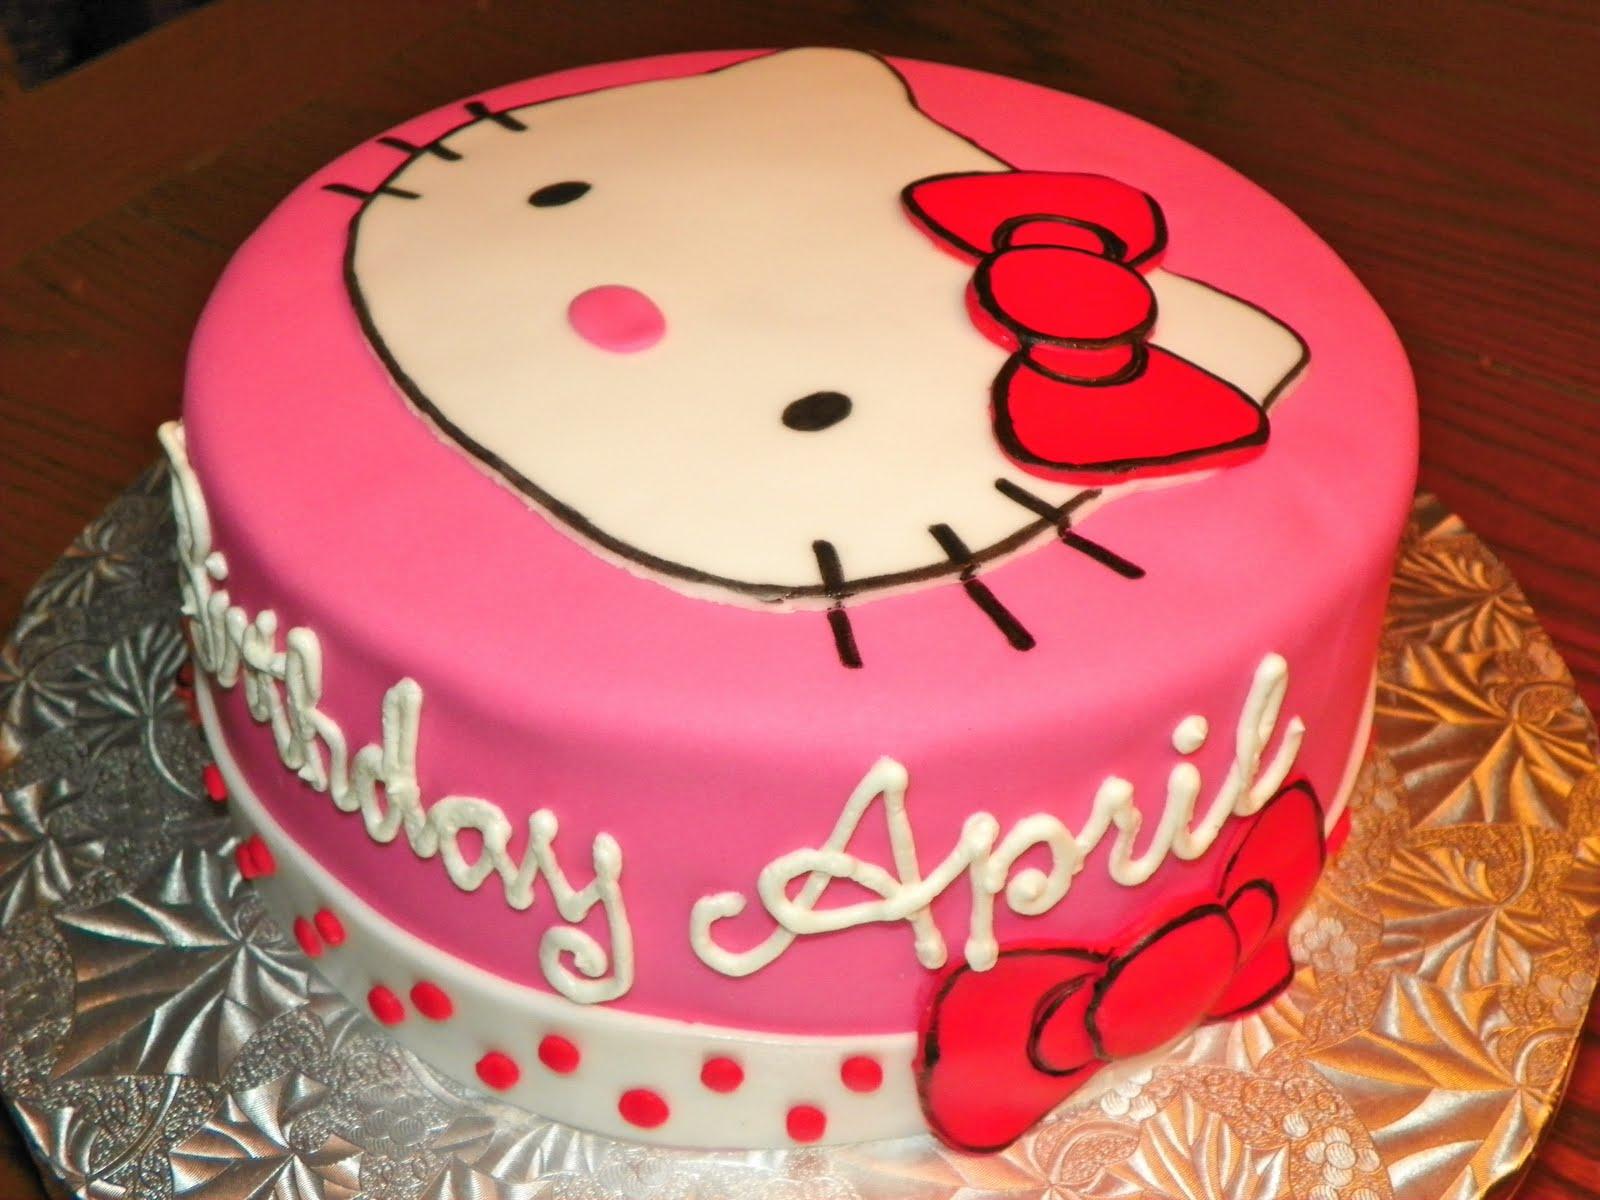 Plumeria Cake Studio: Hello Kitty Face Cake